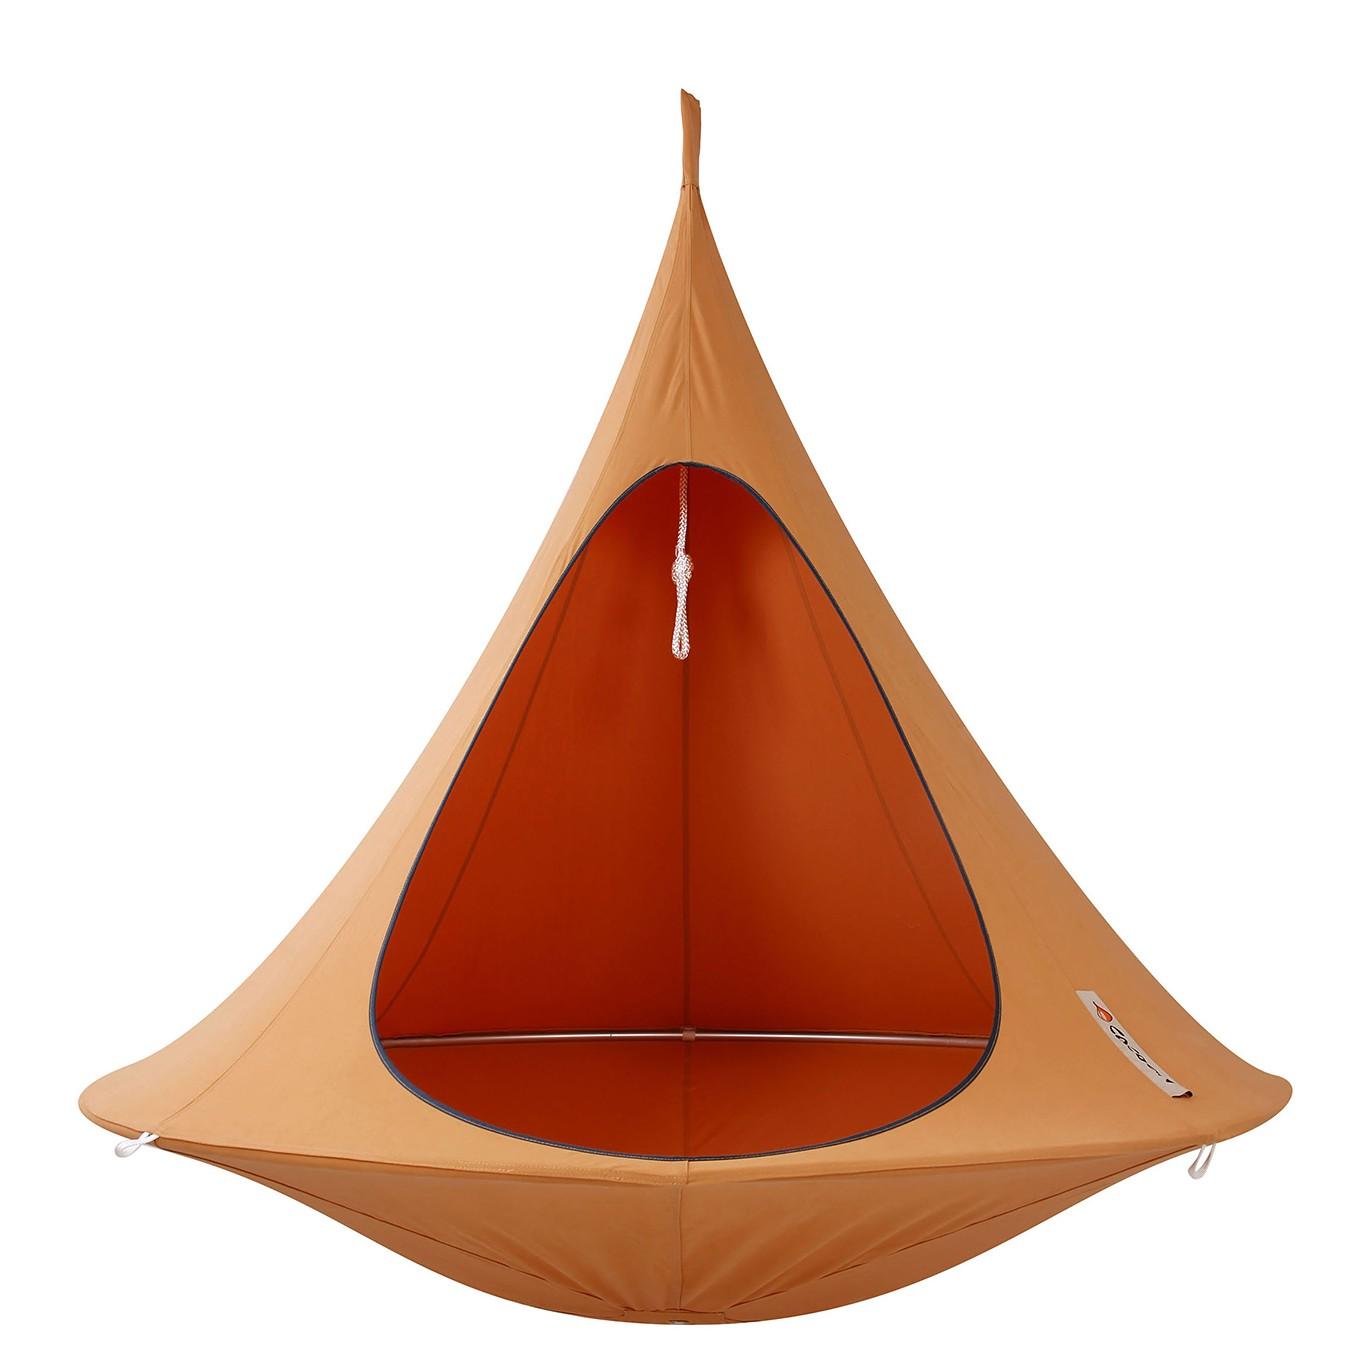 Hängezelt Cacoon Double – Mischgewebe – Mango/Orange, Hang in out günstig